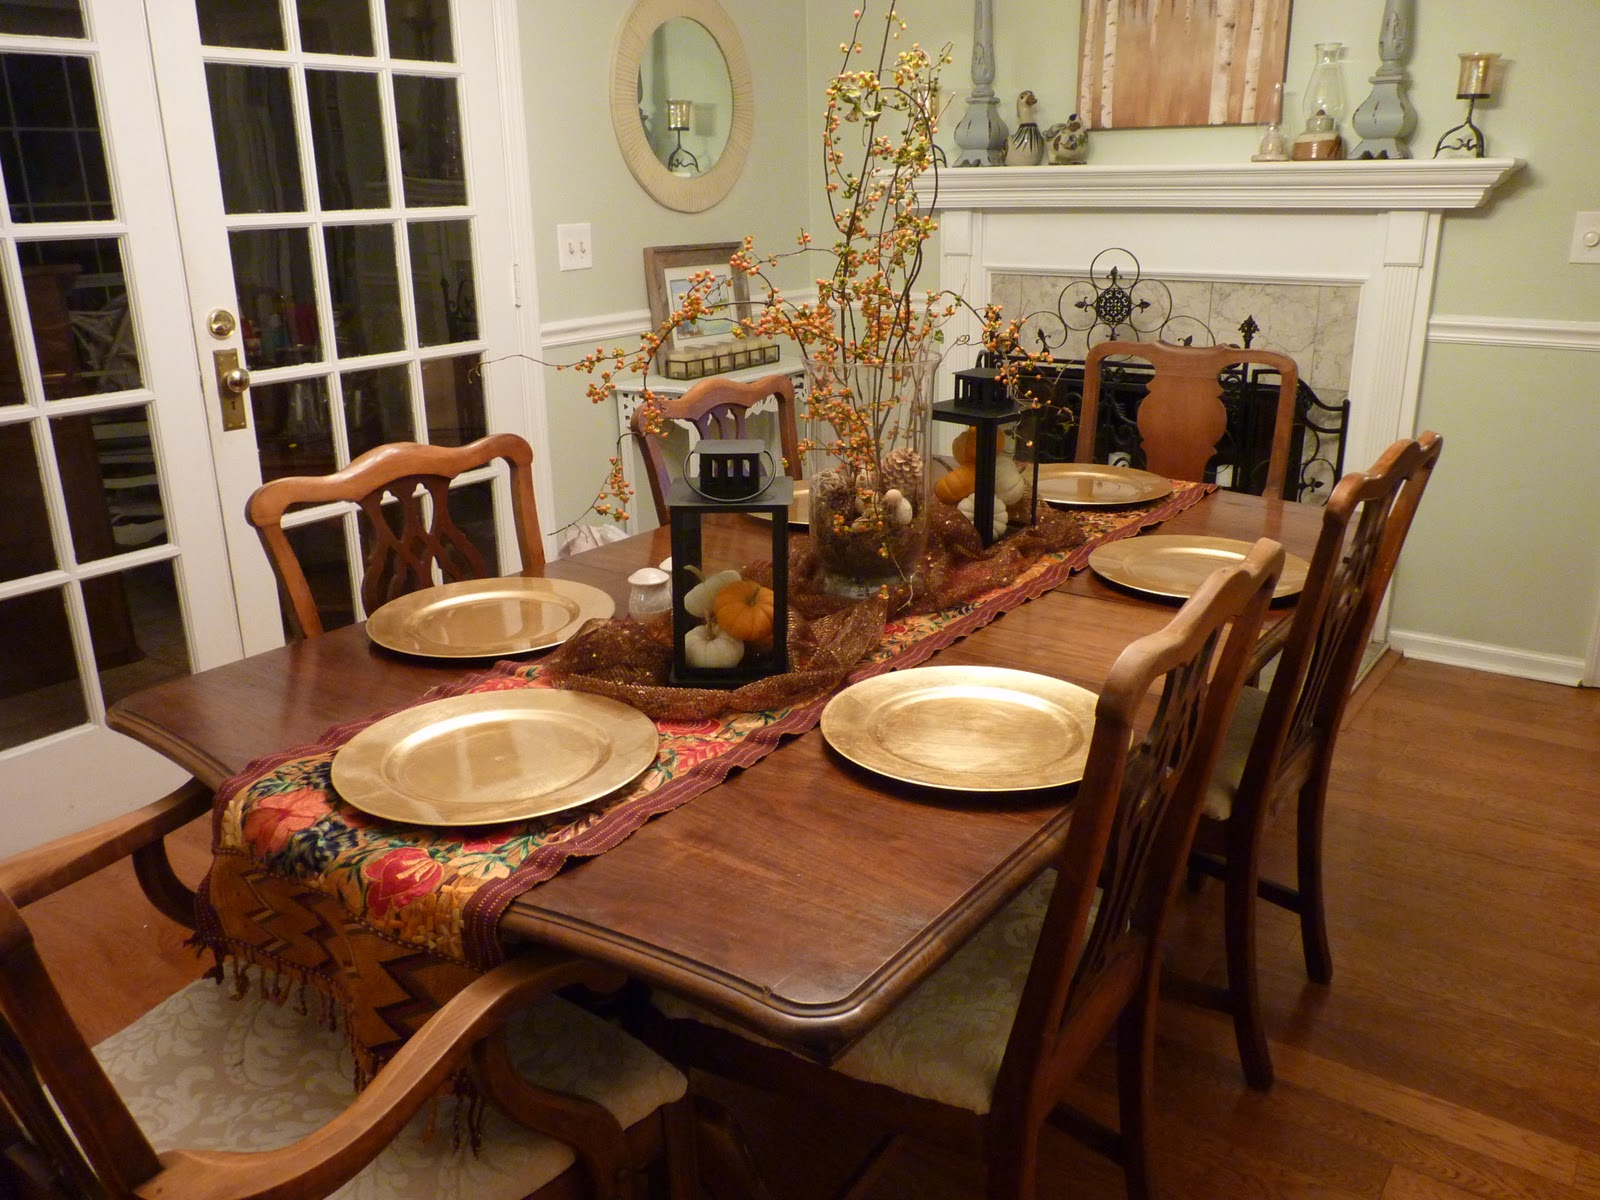 میز ناهار خوری چوبی آشپزخانه کلاسیک سلطنتی